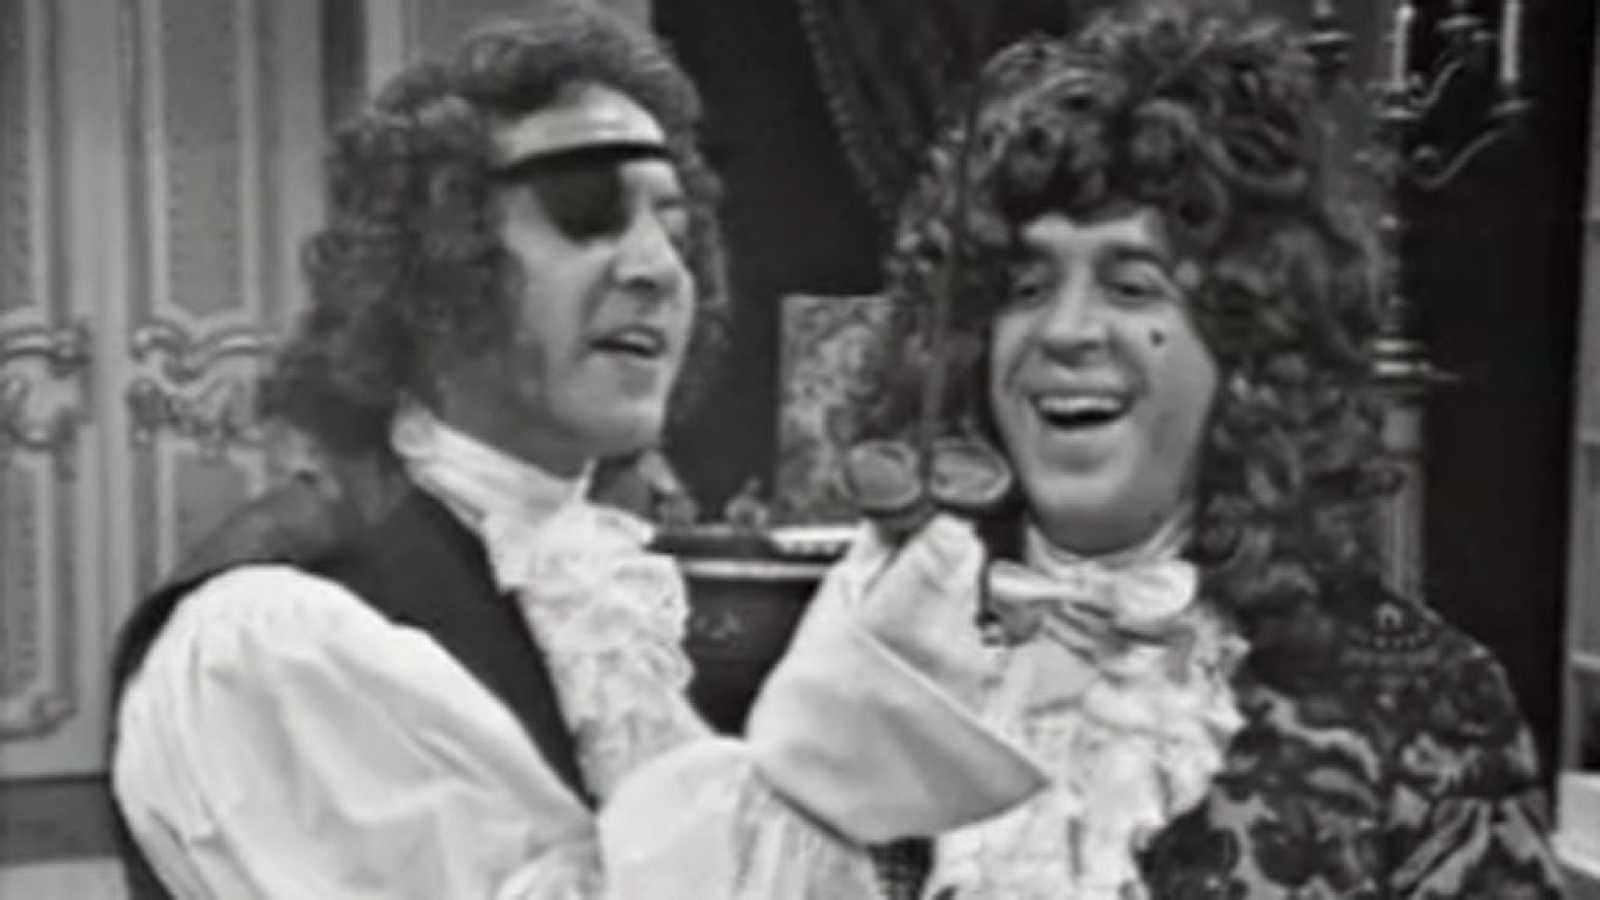 Teatro de siempre - El burgués gentilhombre